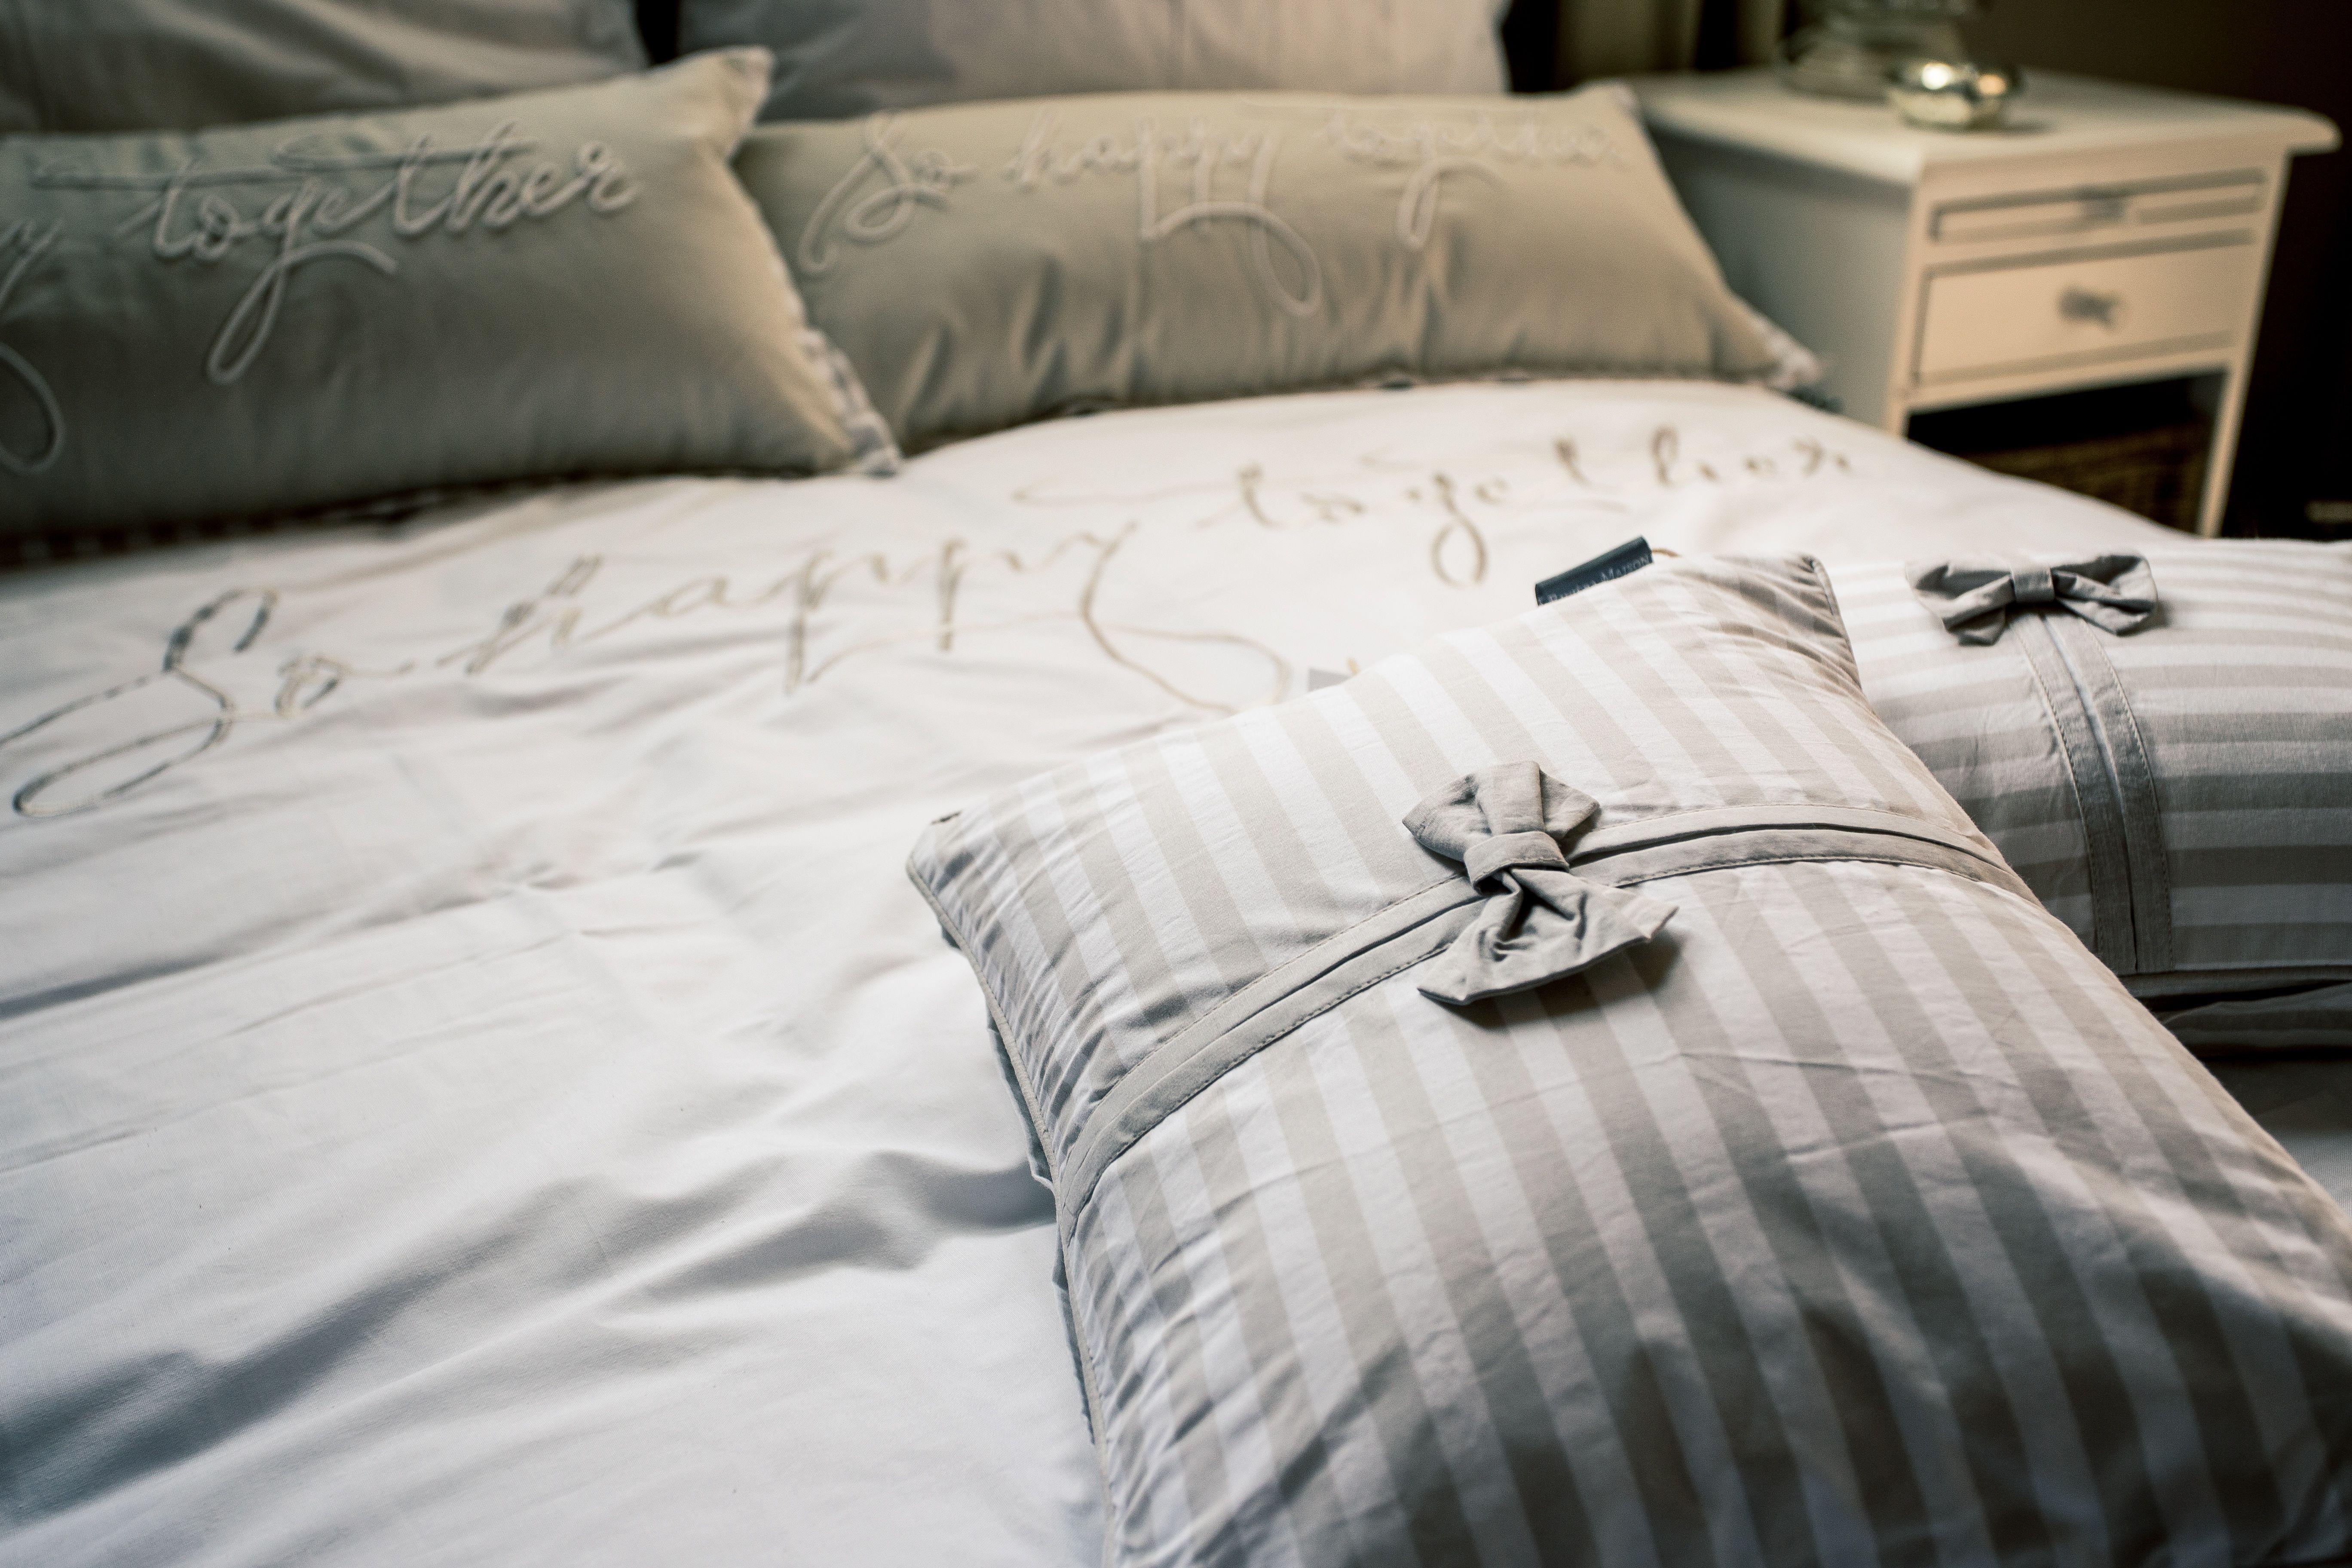 Riviera Maison Slaapkamer : Nieuw binnen bij decolicious bedovertrek van riviera maison